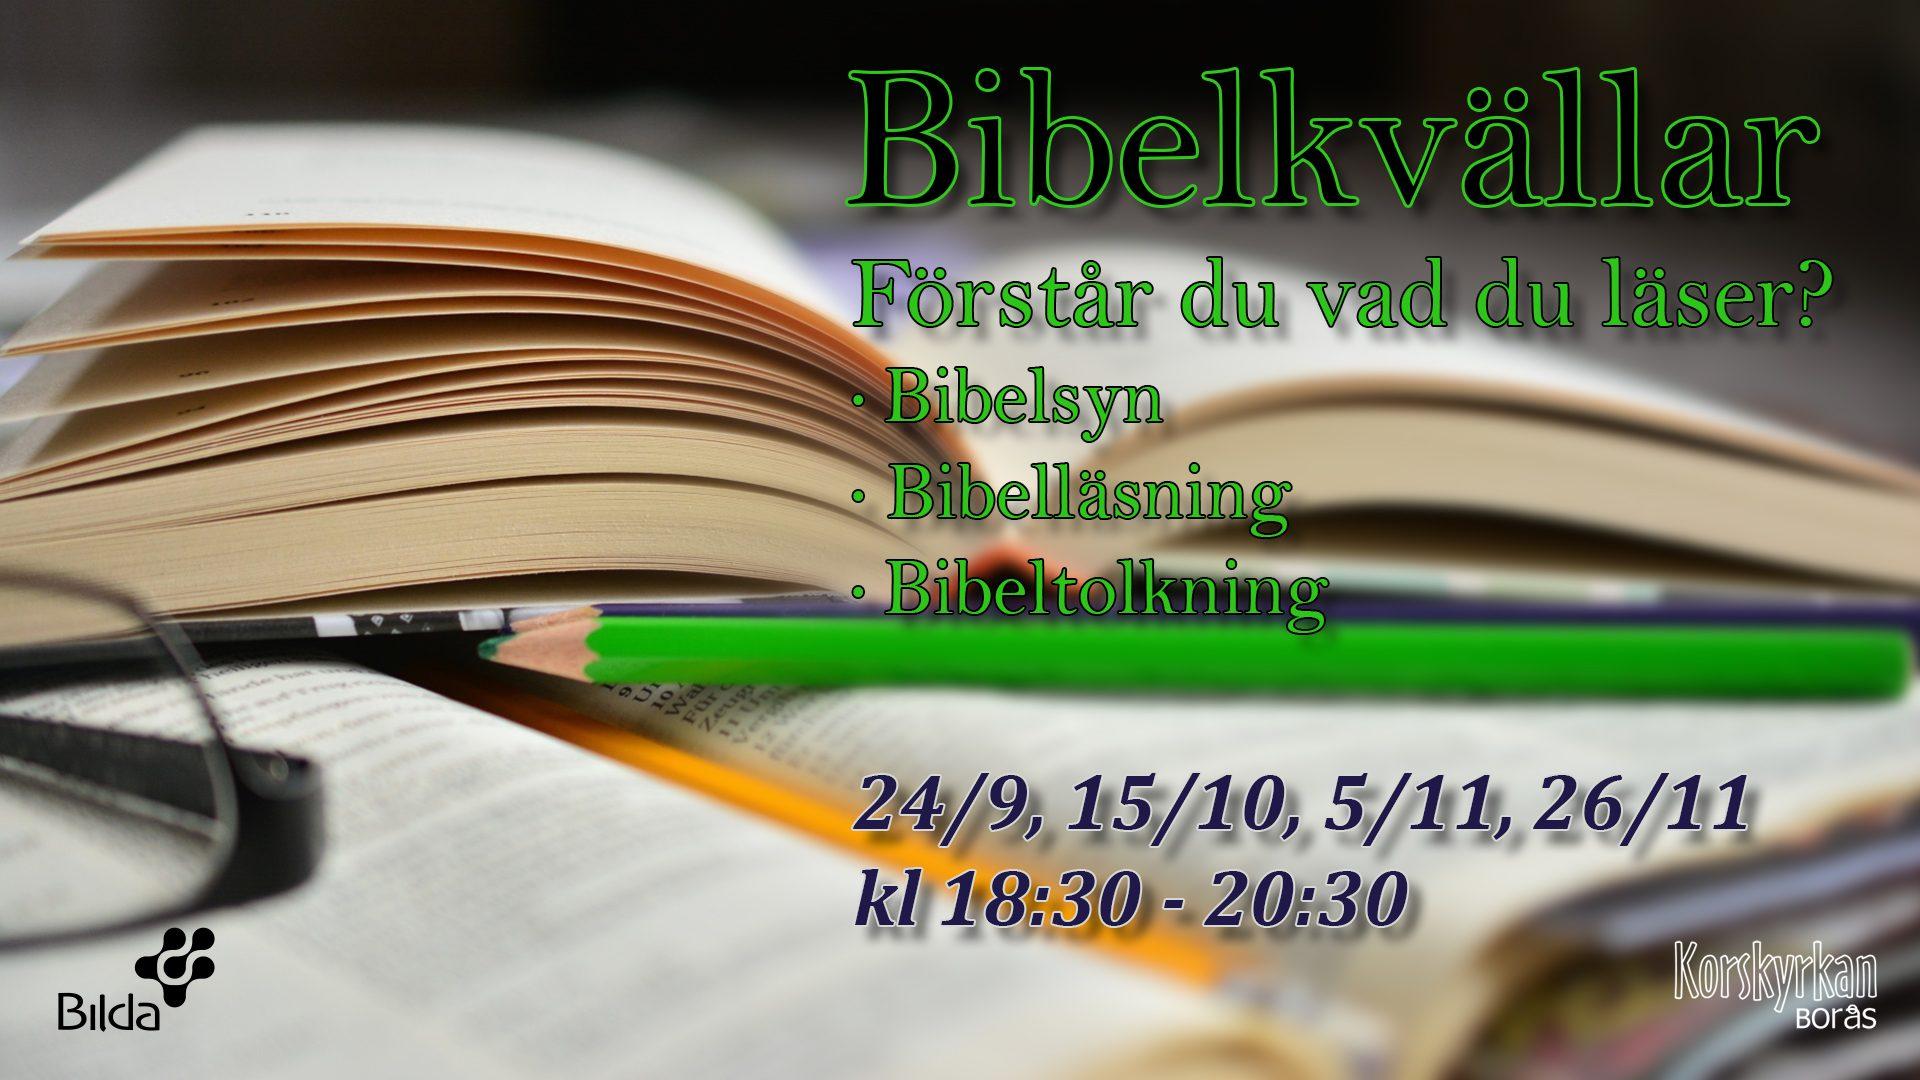 Bibelkvällar